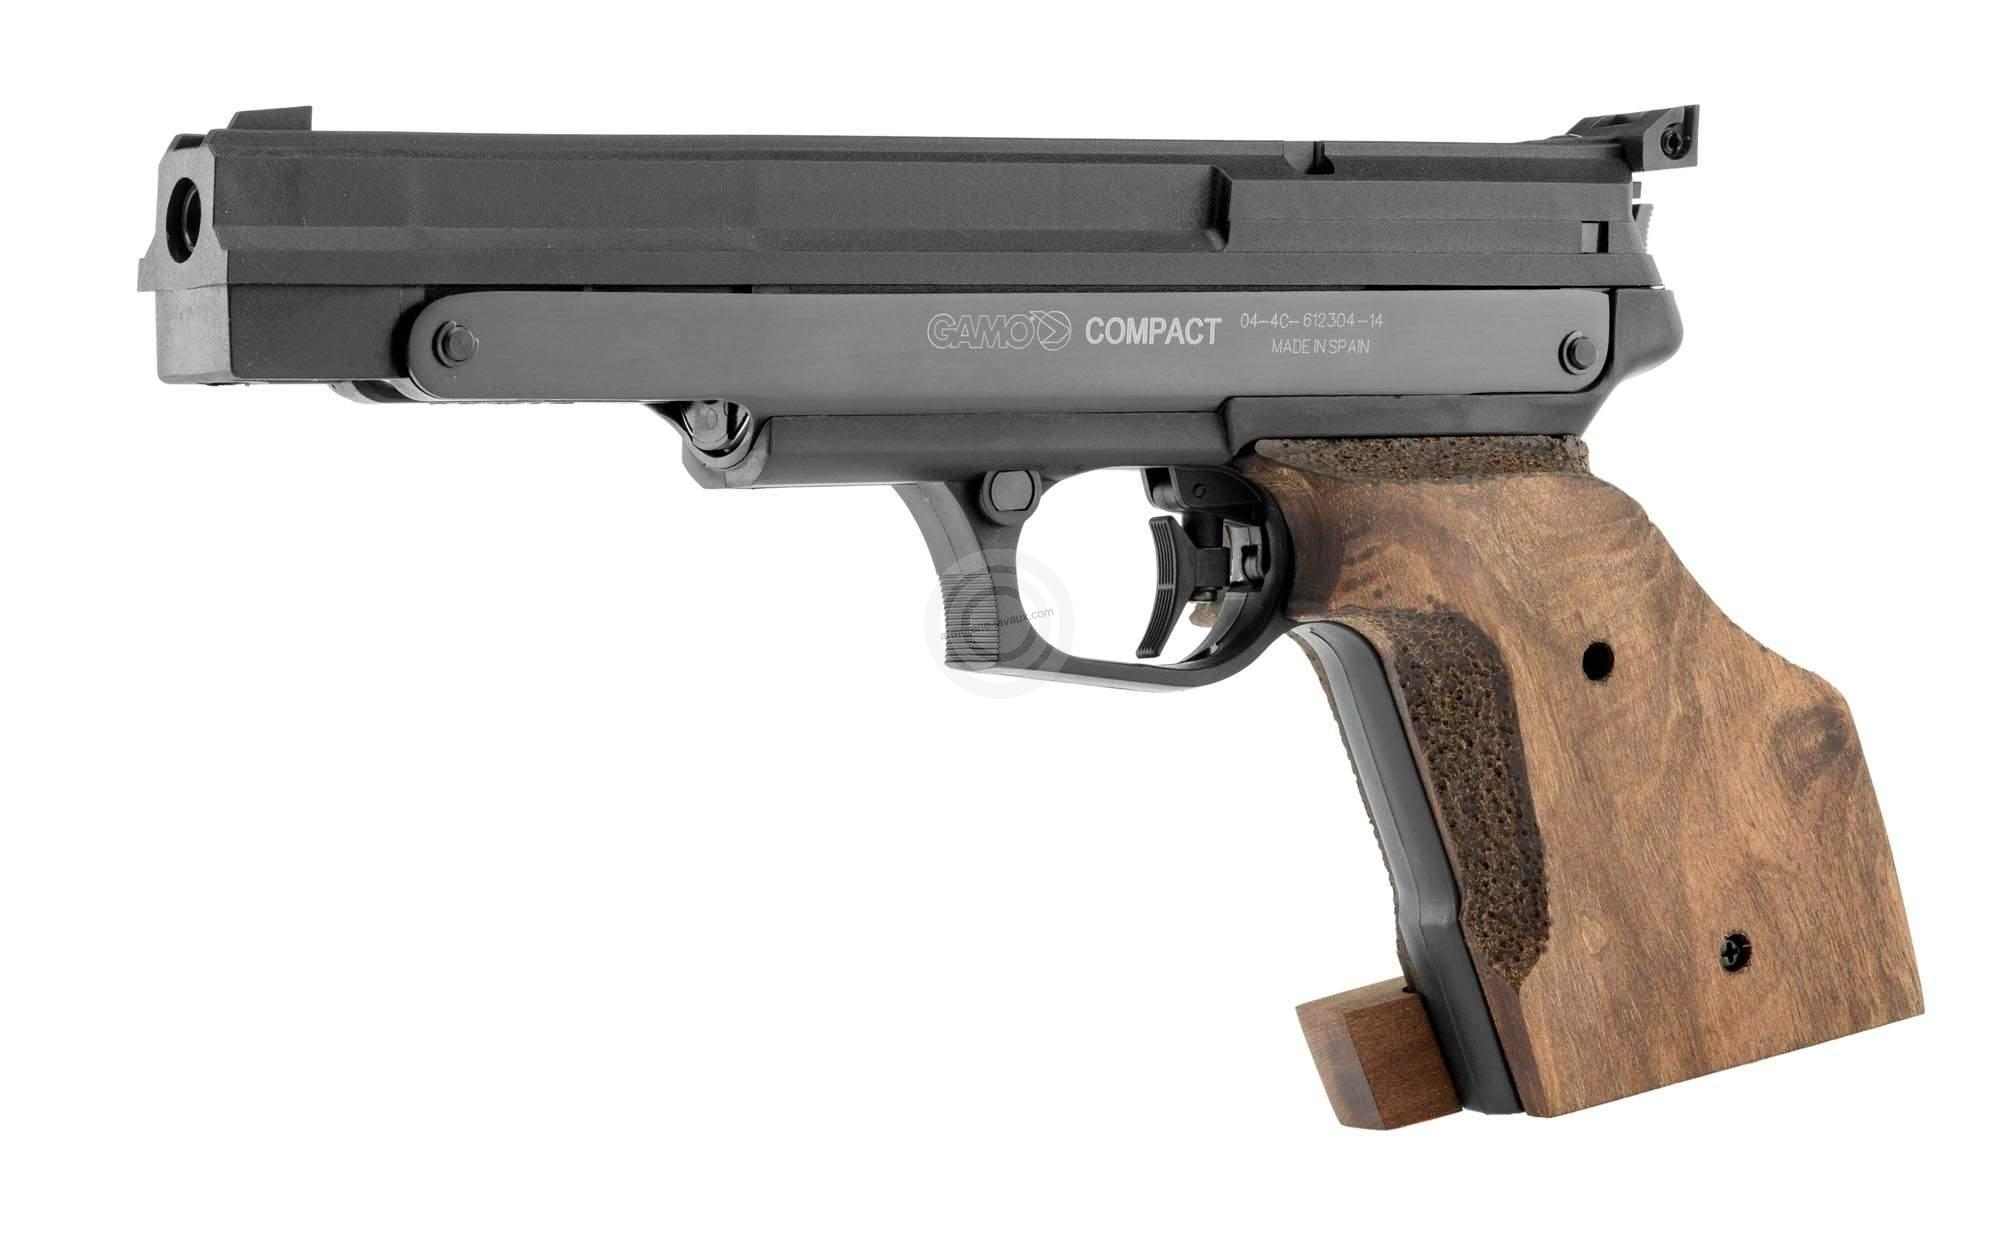 pistolet plombs gamo compact armes de loisirs sur armurerie lavaux. Black Bedroom Furniture Sets. Home Design Ideas